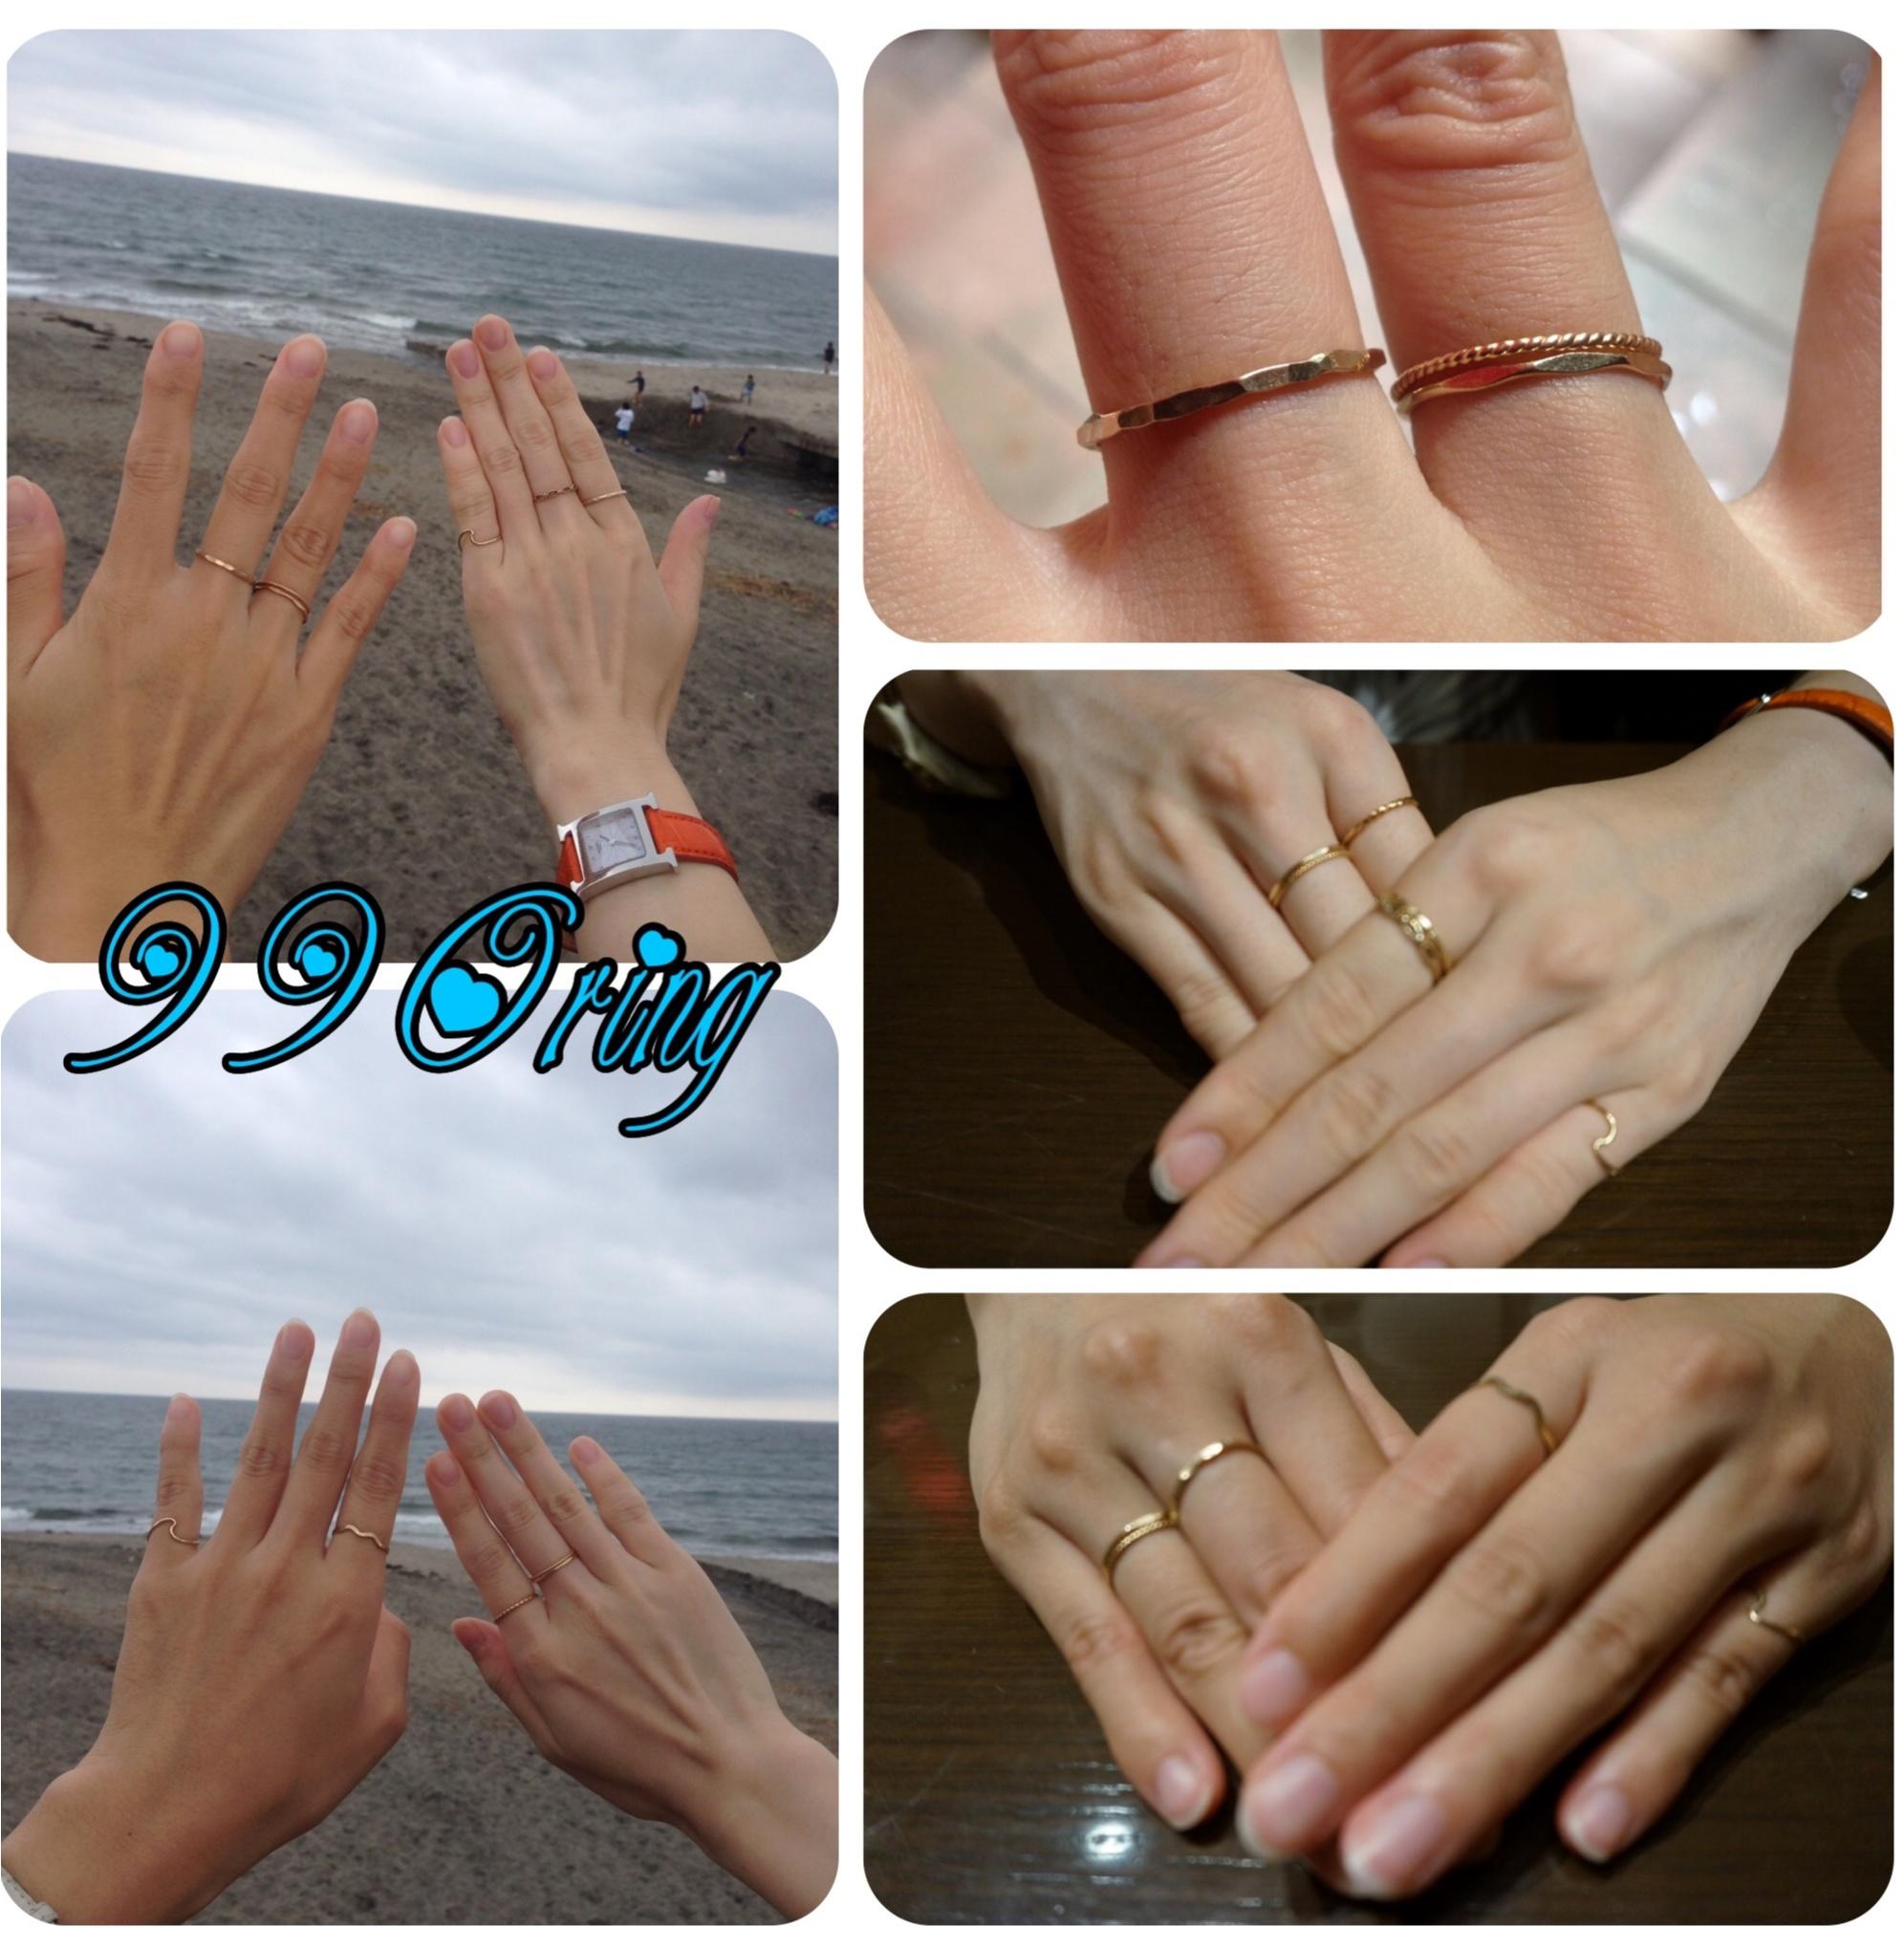 1個990円‼️鎌倉へ行ったら《世界に1つだけ》・《自分だけ》の指輪を作ろうヽ(^◇^*)/ ♪_5